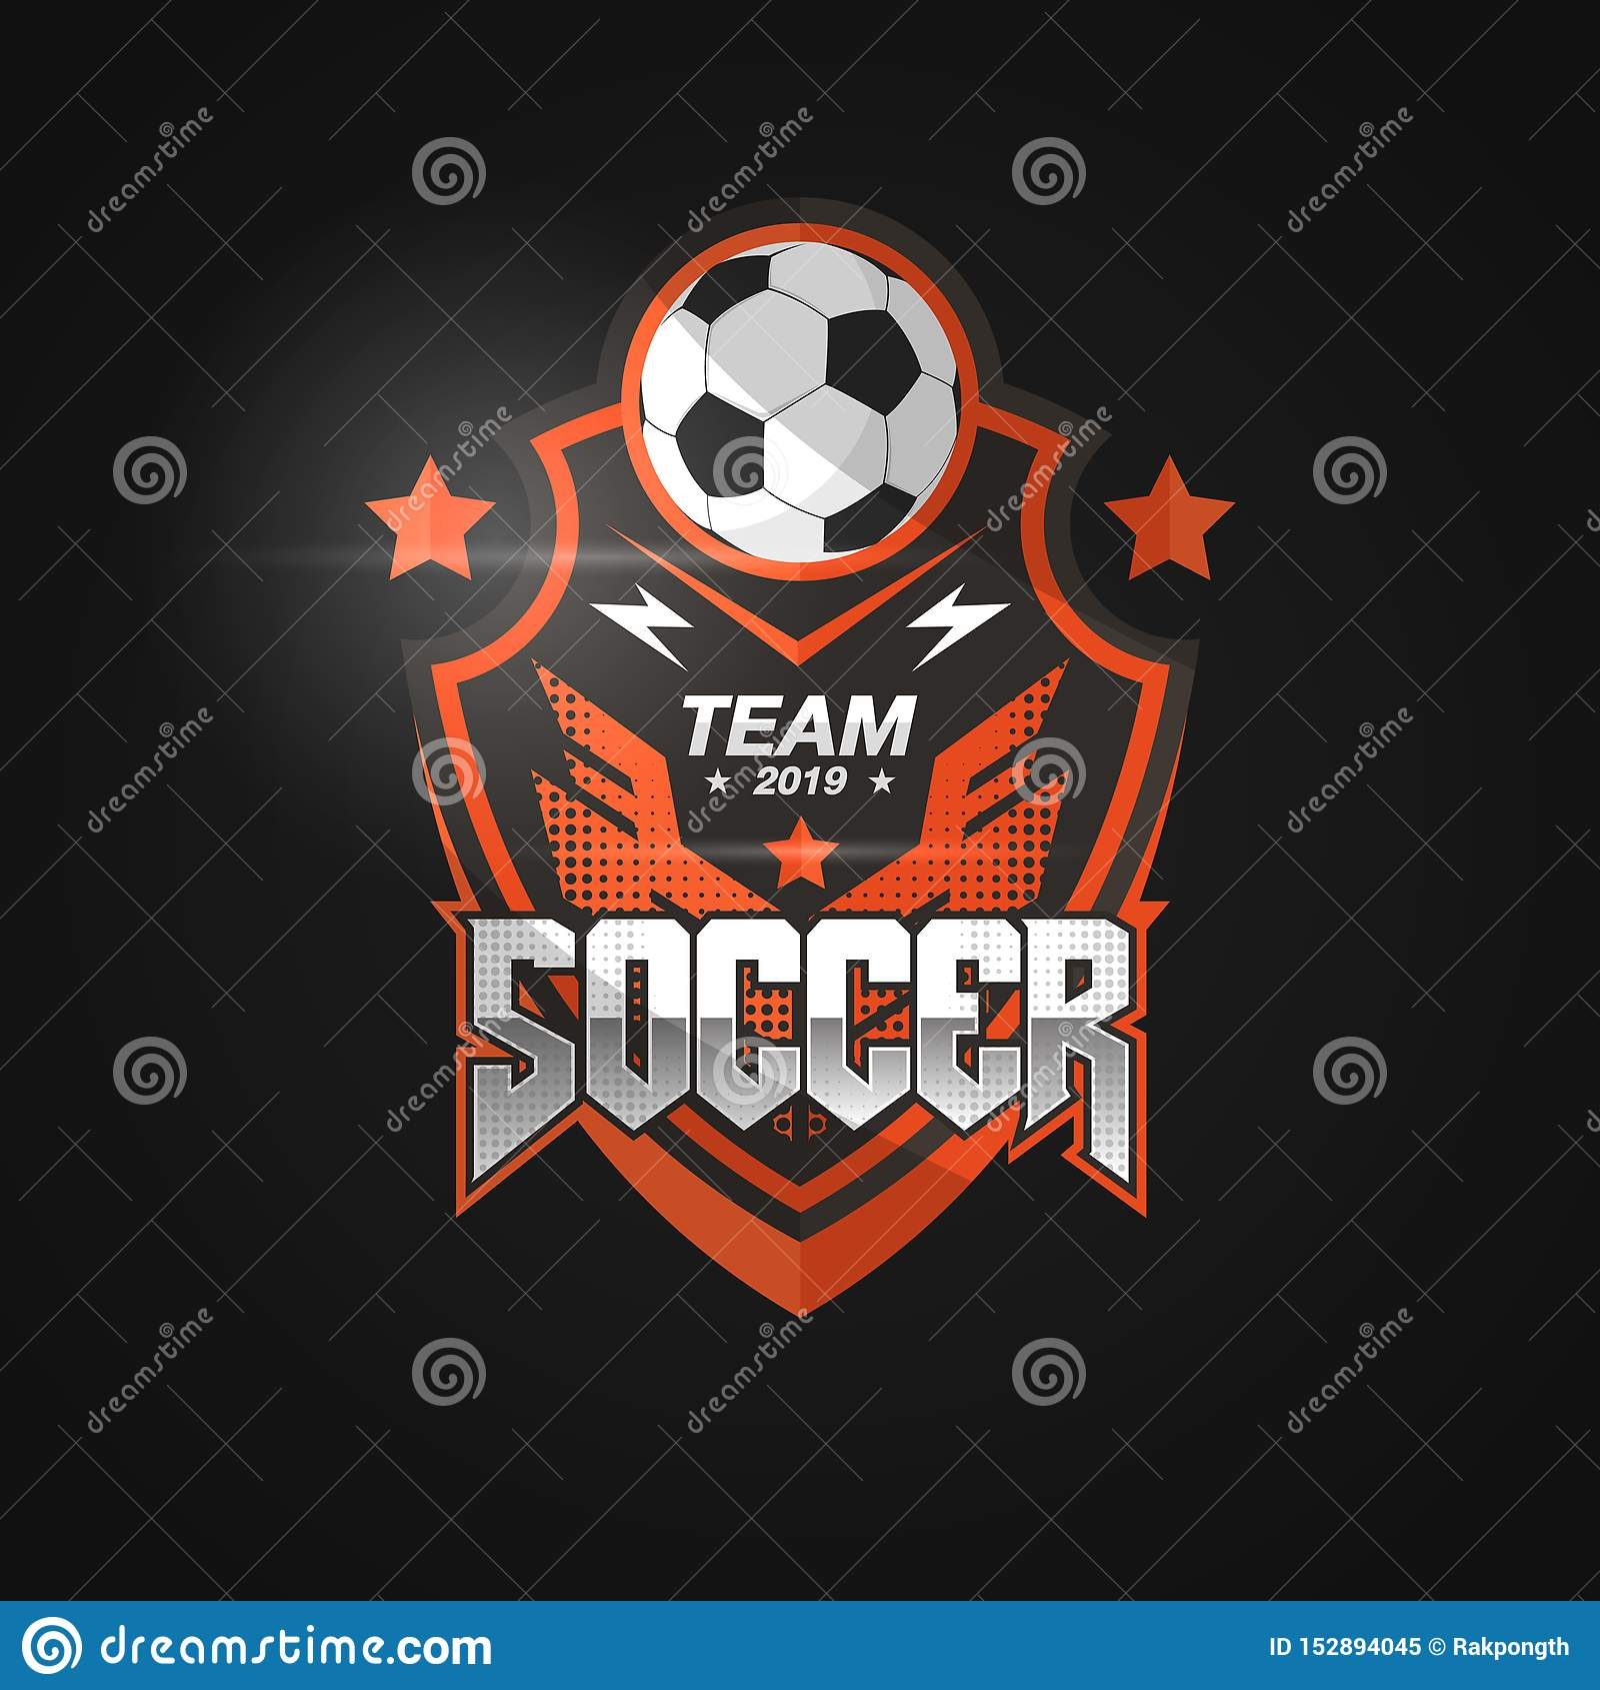 Crachá Logo Design Templates do futebol do futebol | Esporte Team Identity Vetora Illustrations isolado no fundo preto